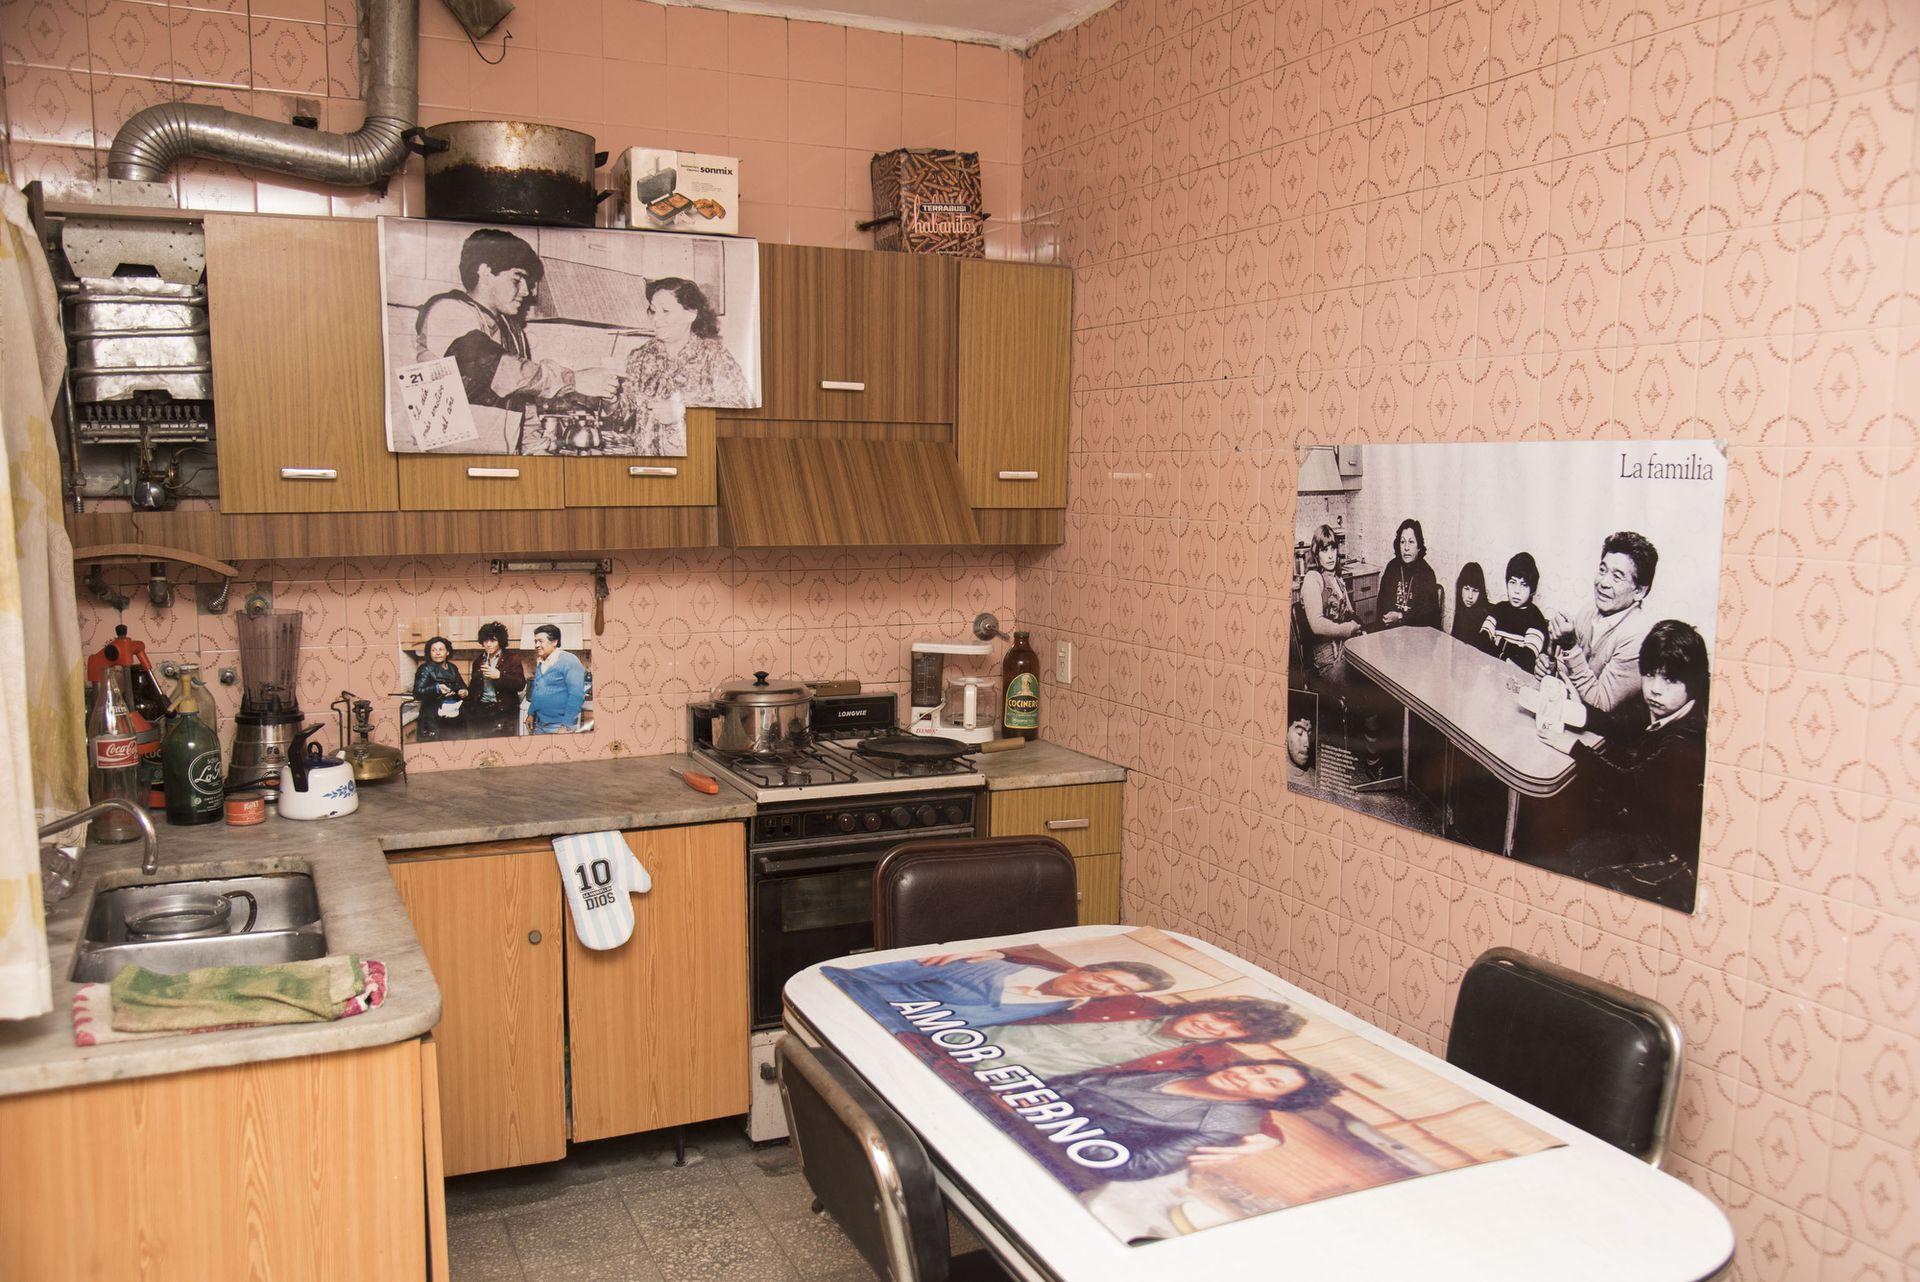 La cocina, como las de antes: los muebles hablan de aquellos finales de los 70.